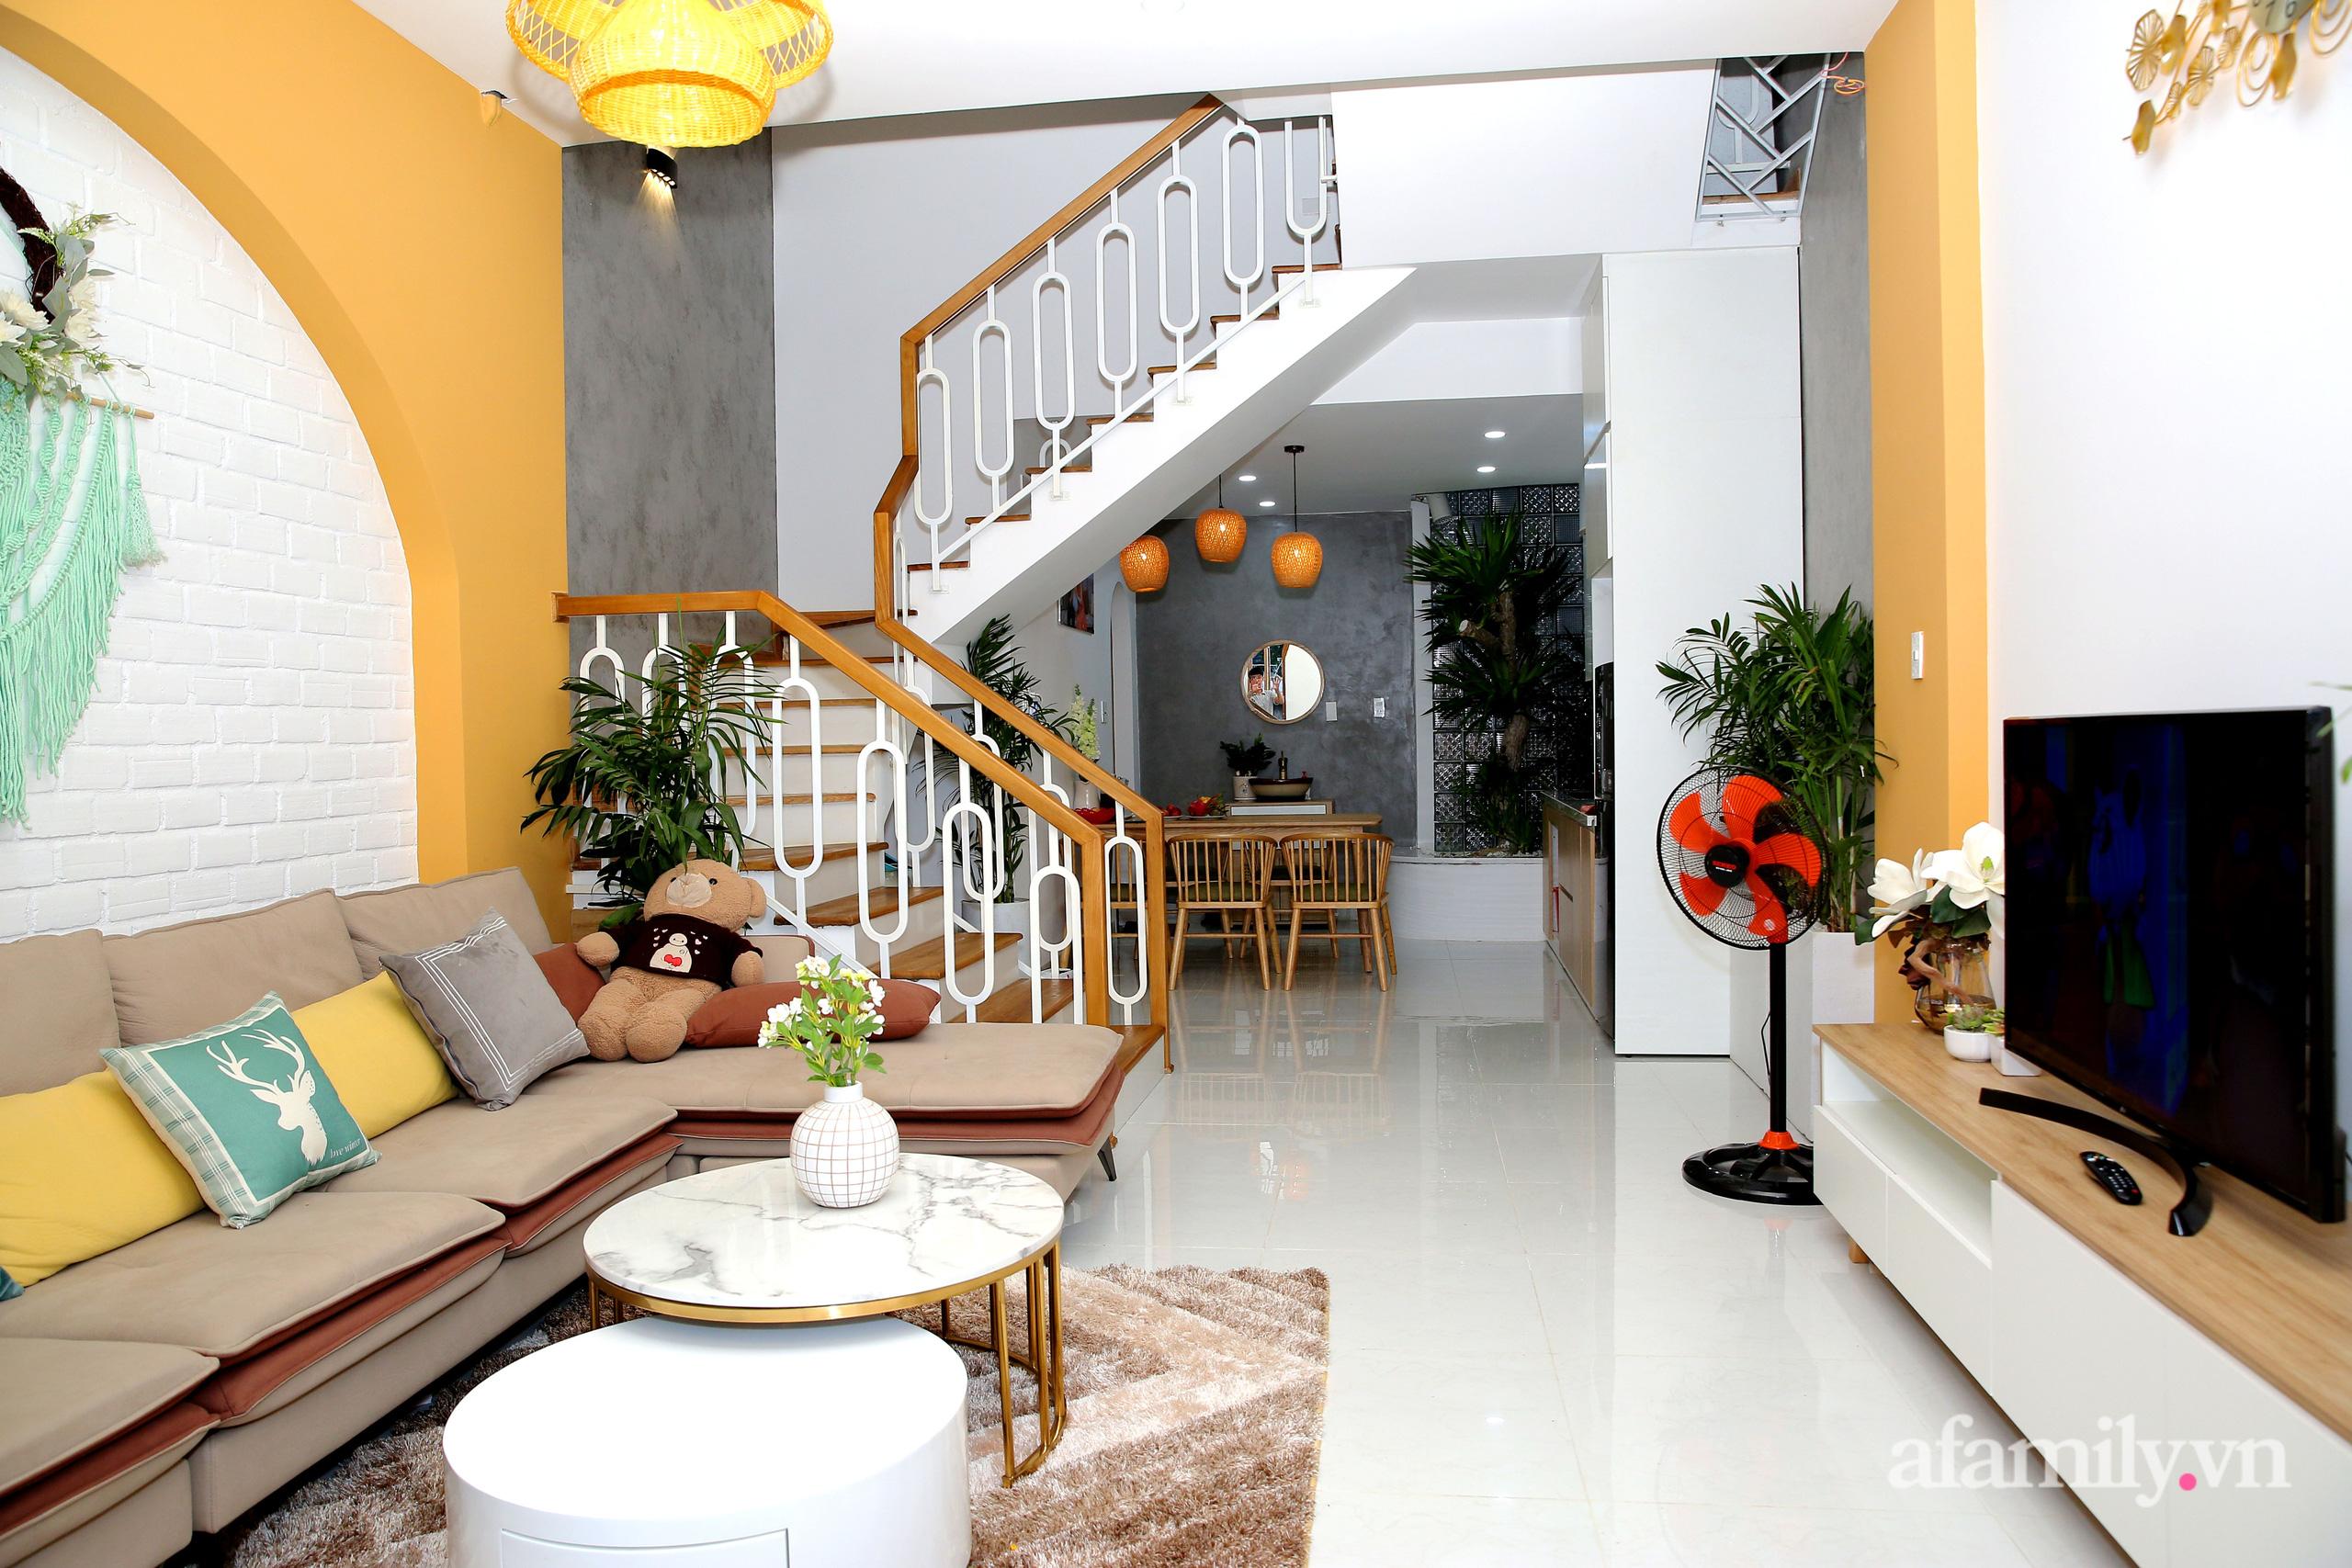 Chồng xây tặng vợ con ngôi nhà ấm cúng với sắc trắng vàng cùng cây xanh và ánh sáng ngập tràn ở Đà Nẵng sau 10 năm ở trọ - Ảnh 3.